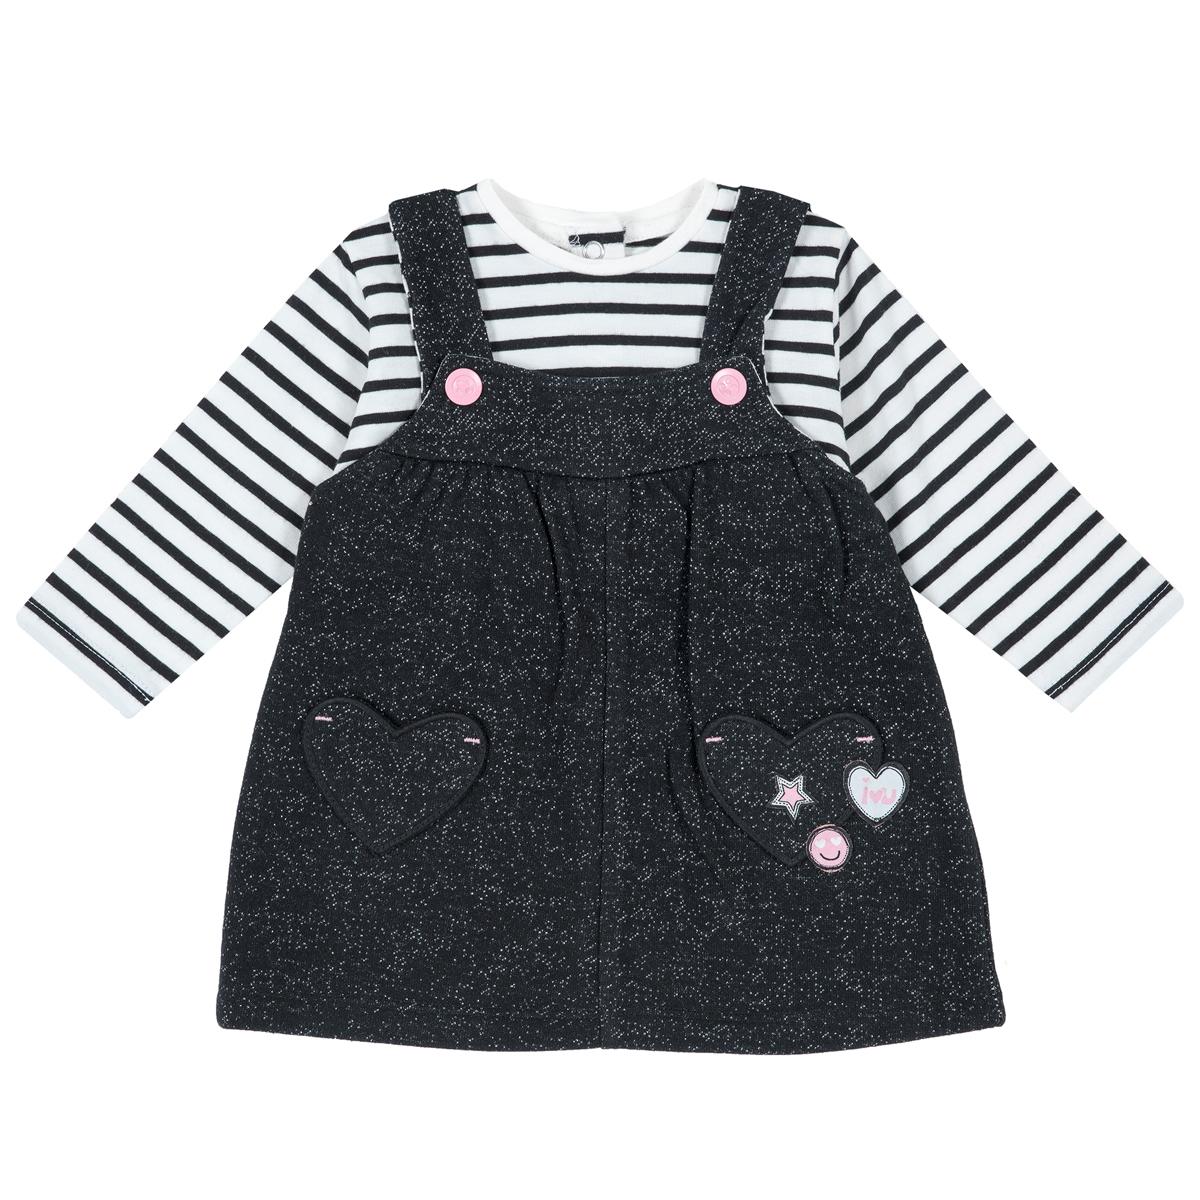 Rochie copii Chicco, maneci lungi si bretelute, inimioare aplicate, 03501